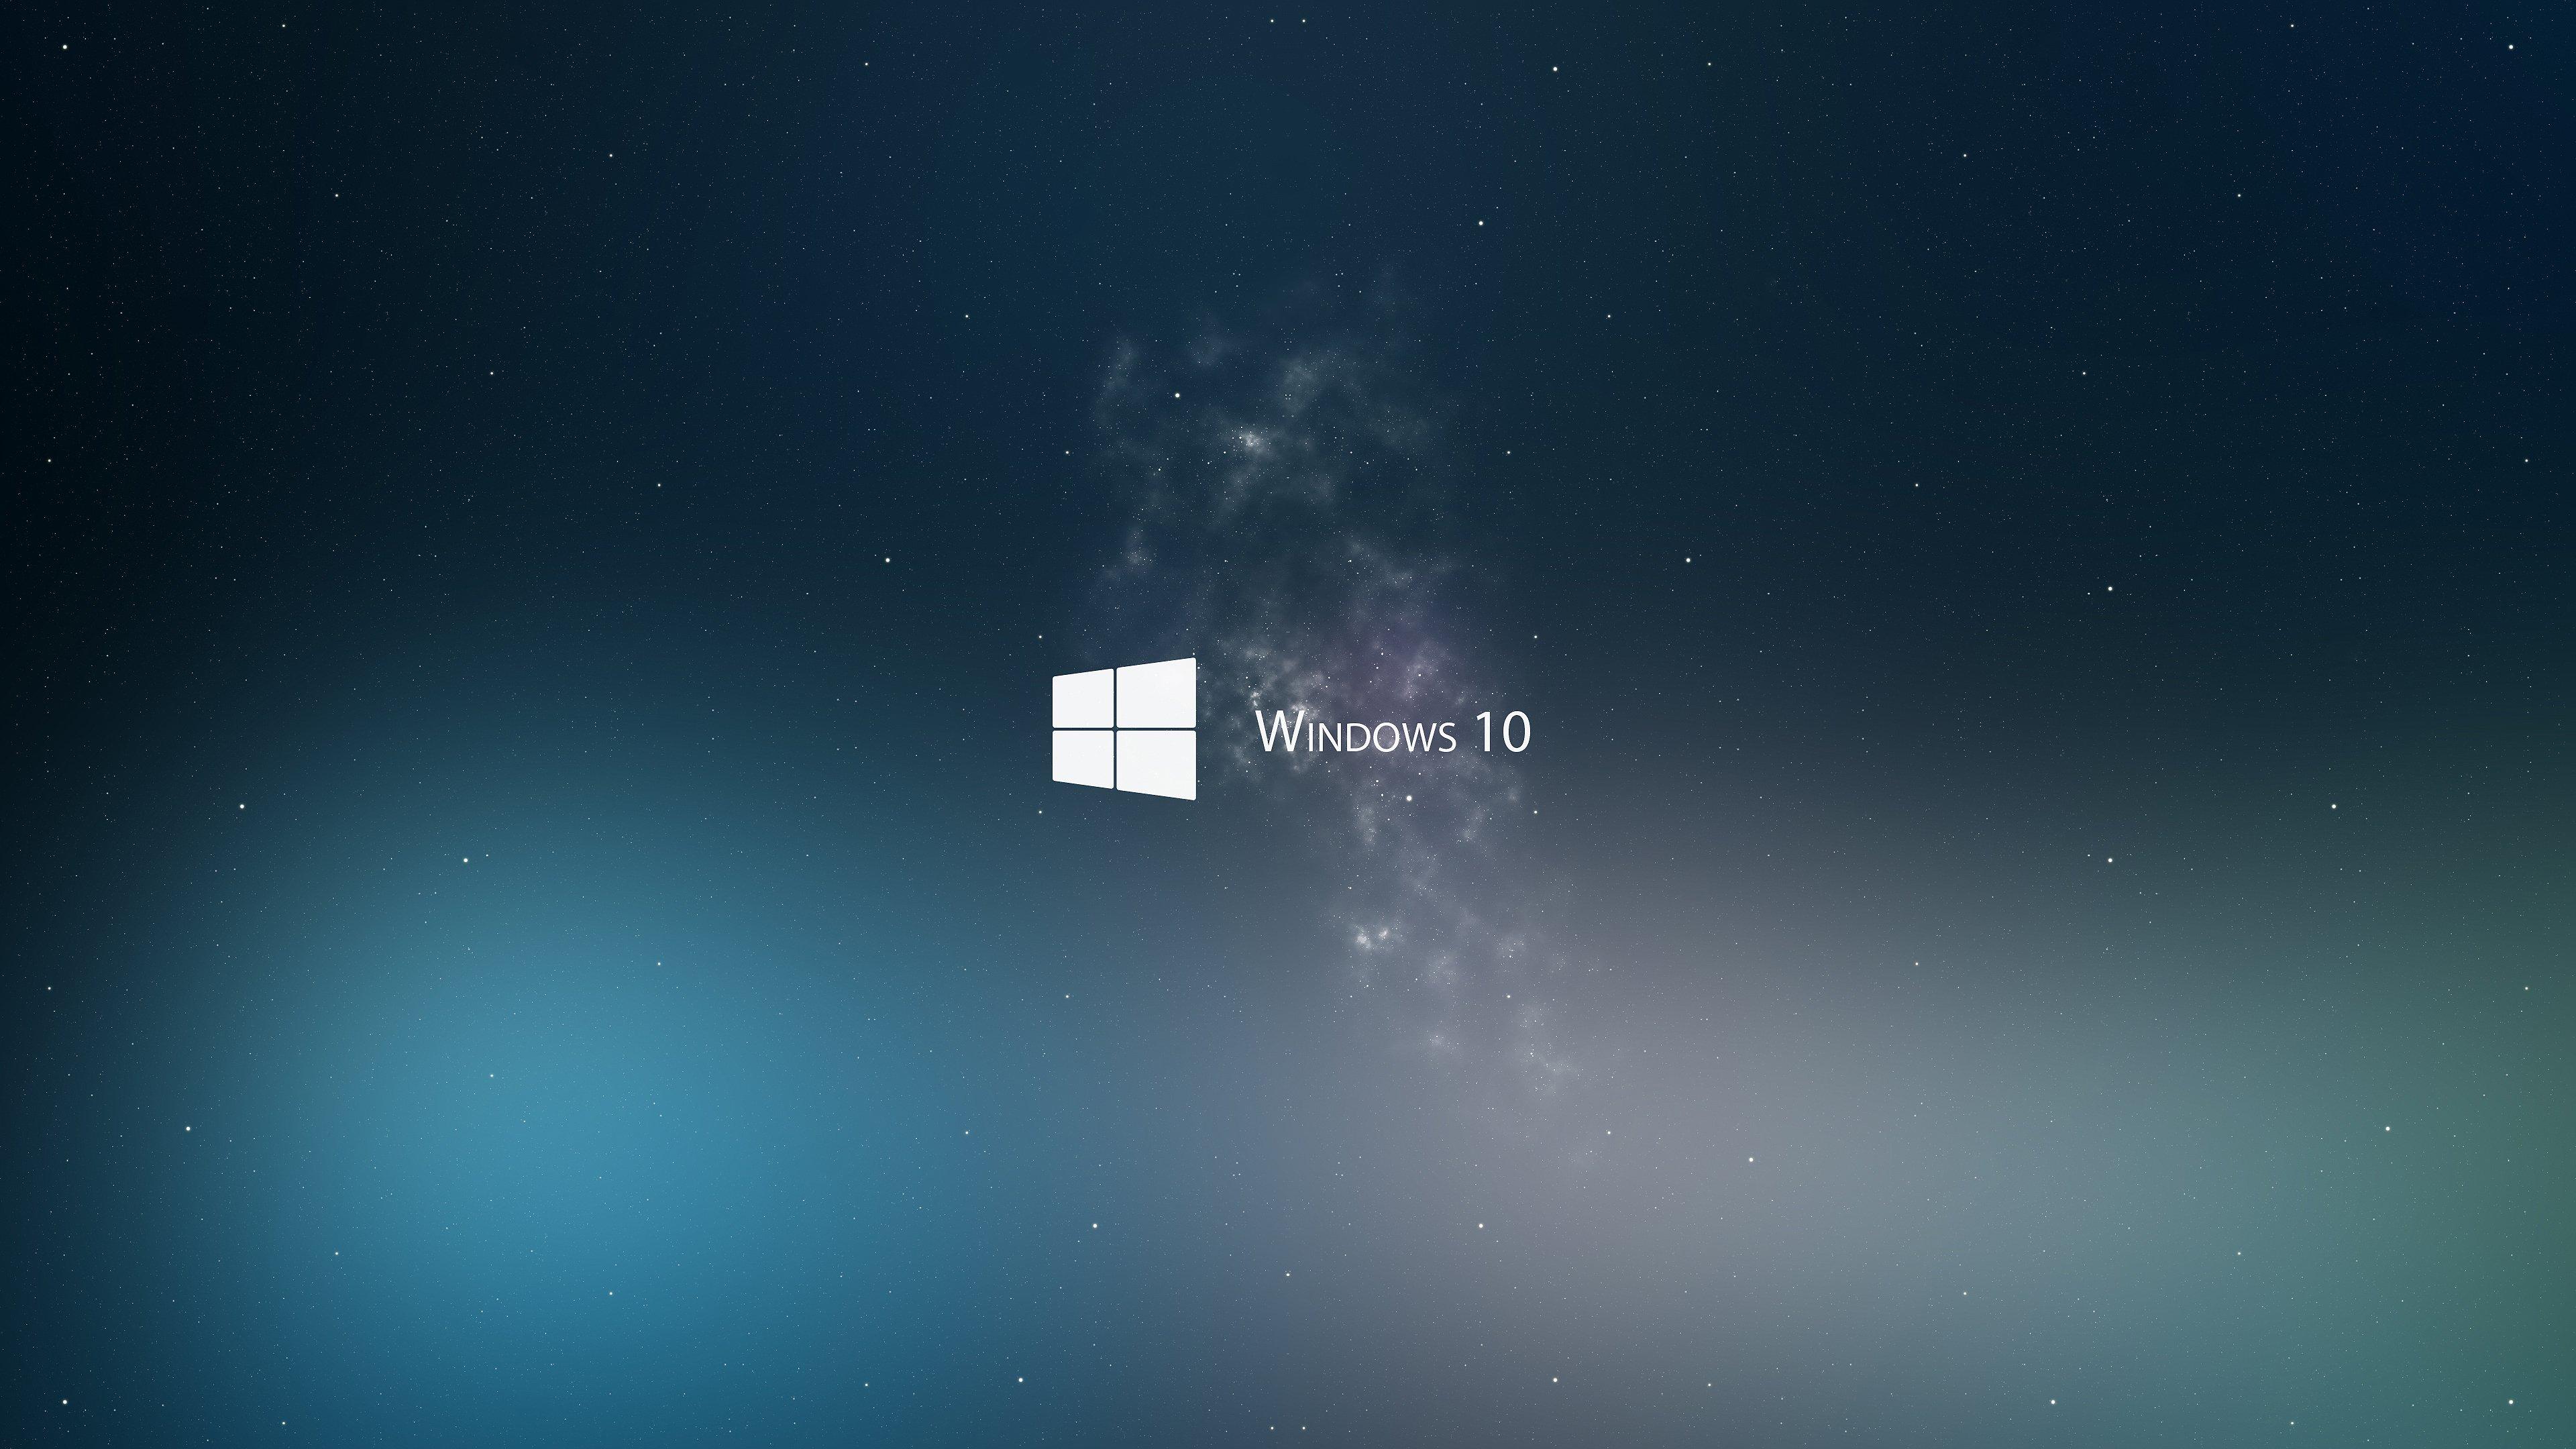 Microsoft Windows 10 Wallpaper - WallpaperSafari